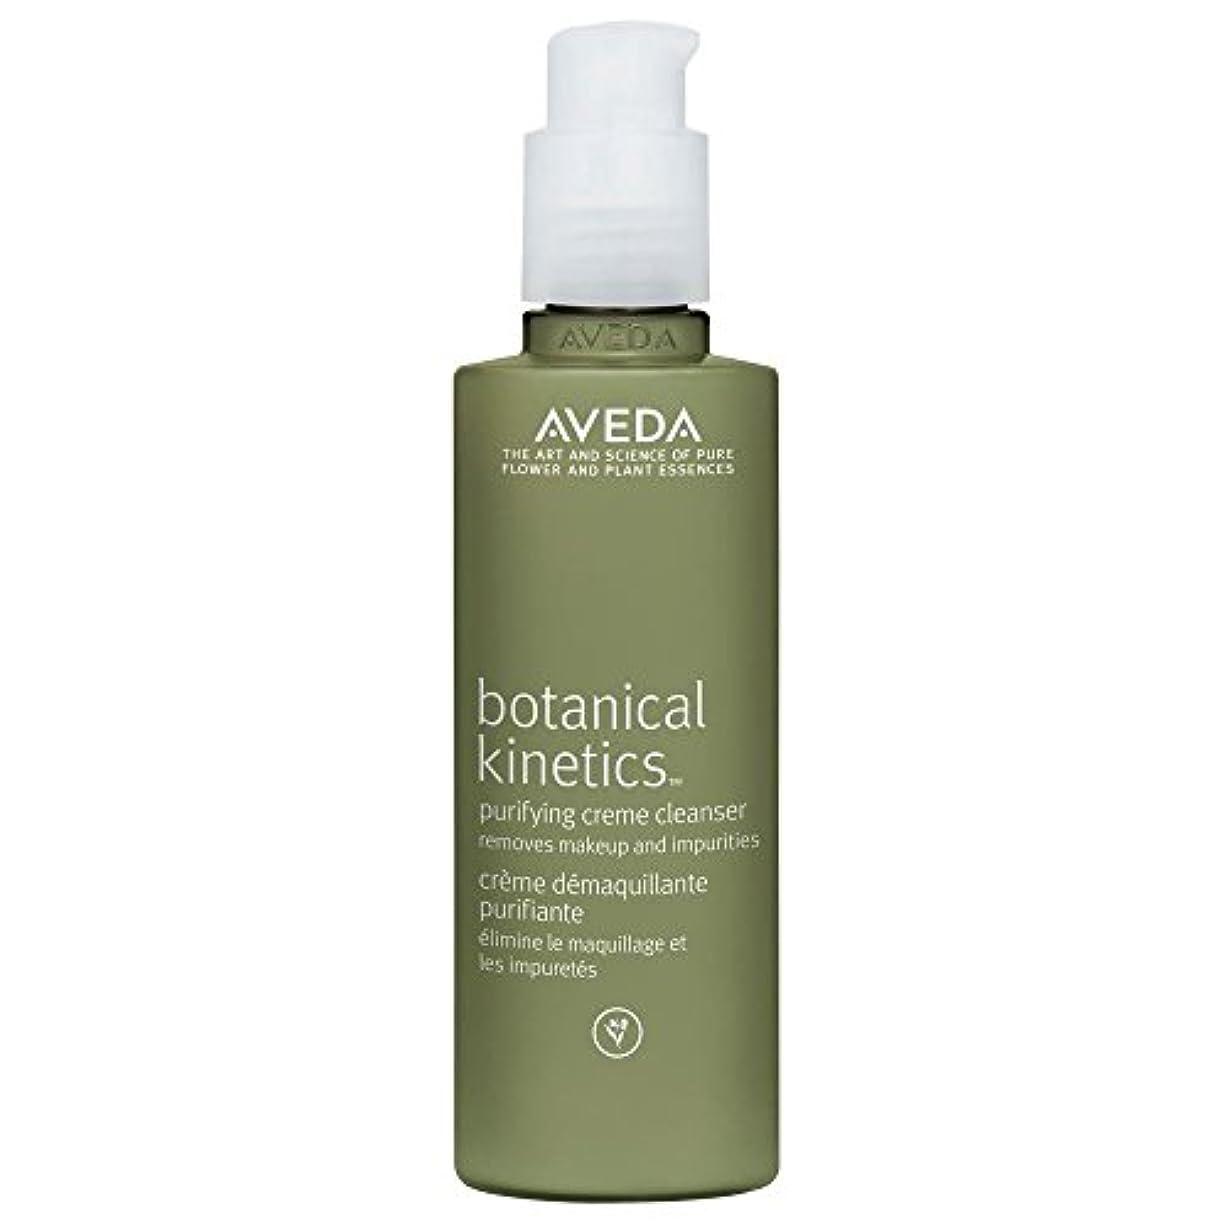 正統派おそらくヘルシー[AVEDA] アヴェダボタニカルキネティクス浄化クリームクレンザー、150ミリリットル - Aveda Botanical Kinetics Purifying Creme Cleanser, 150ml [並行輸入品]